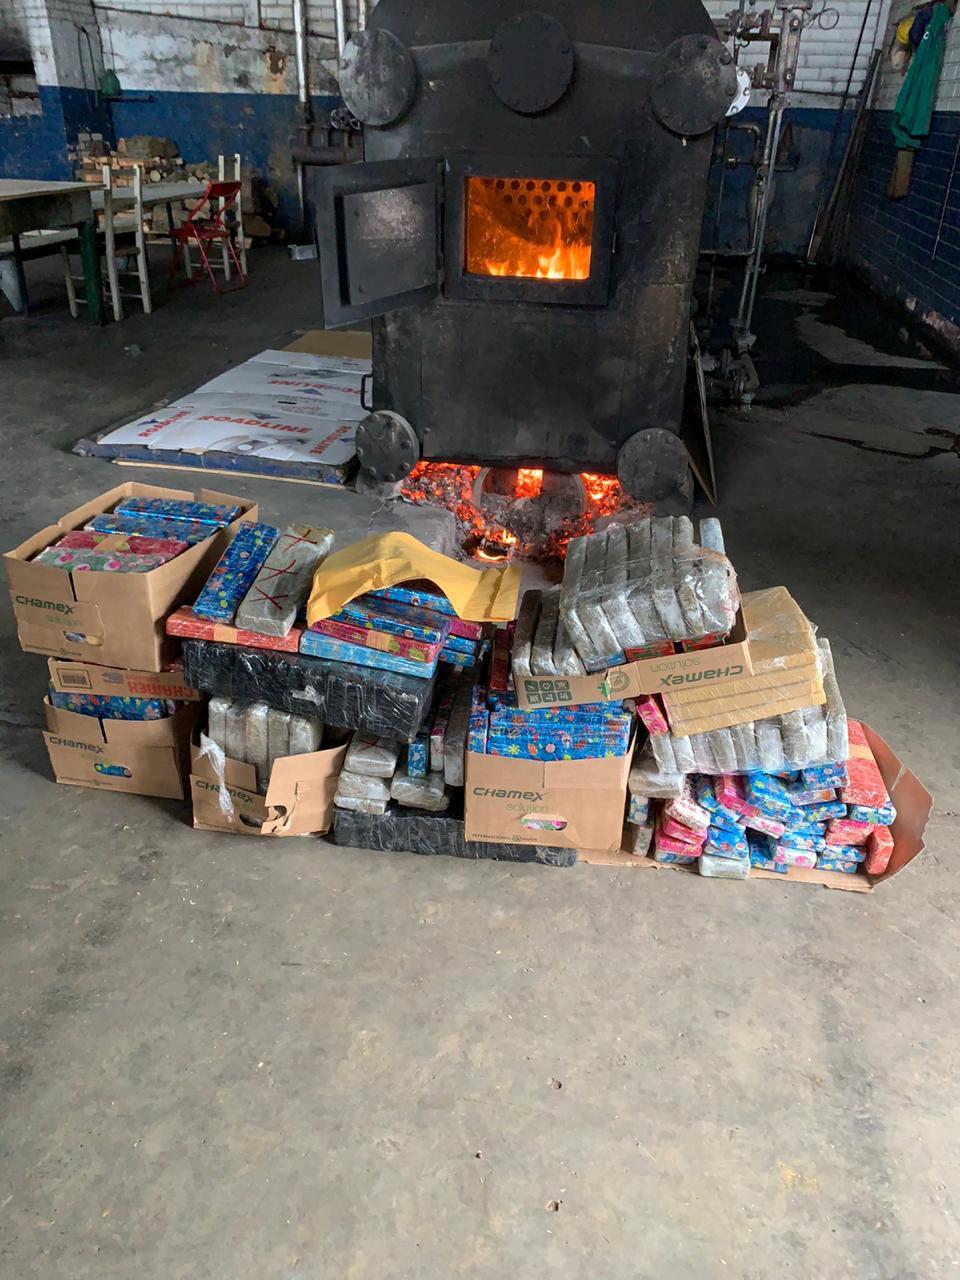 Duzentos quilos de entorpecentes queimados pela Polícia Civil de Concórdia